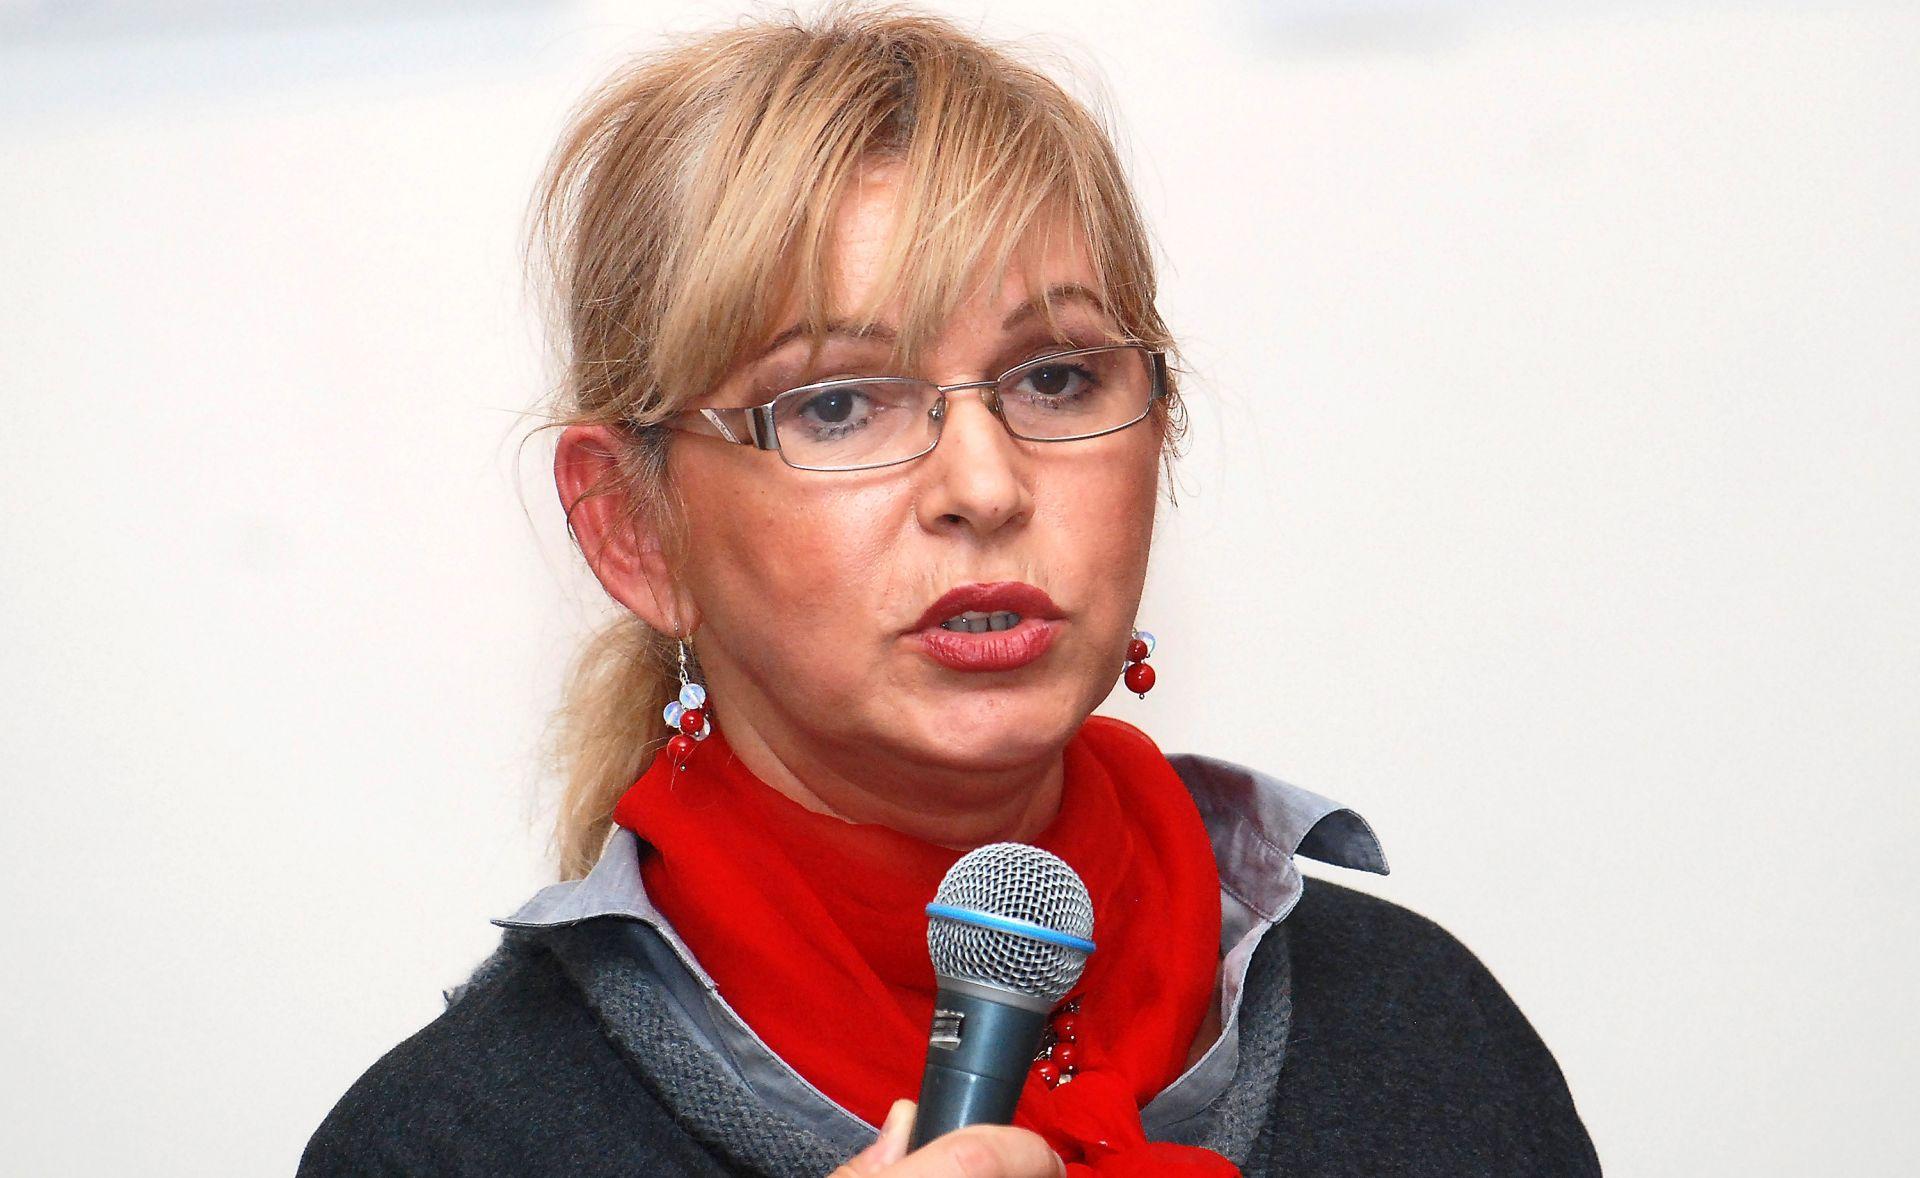 """VESNA ŠKULIĆ NAJNOVIJA KANDIDATKINJA ZA PREDSJEDNICU SDP-A """"Pokazat ću da socijaldemokracija ima ljudsko lice"""""""